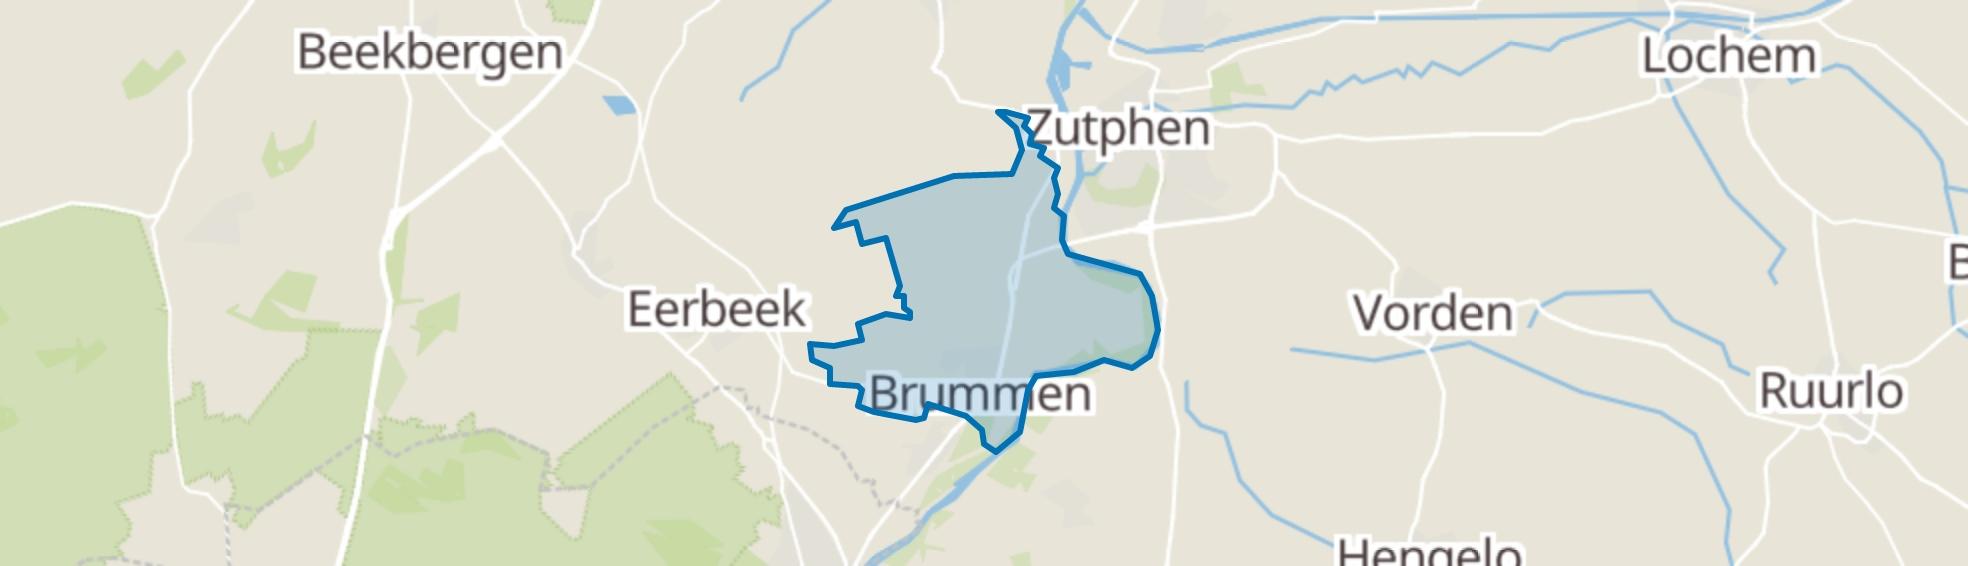 Brummen map